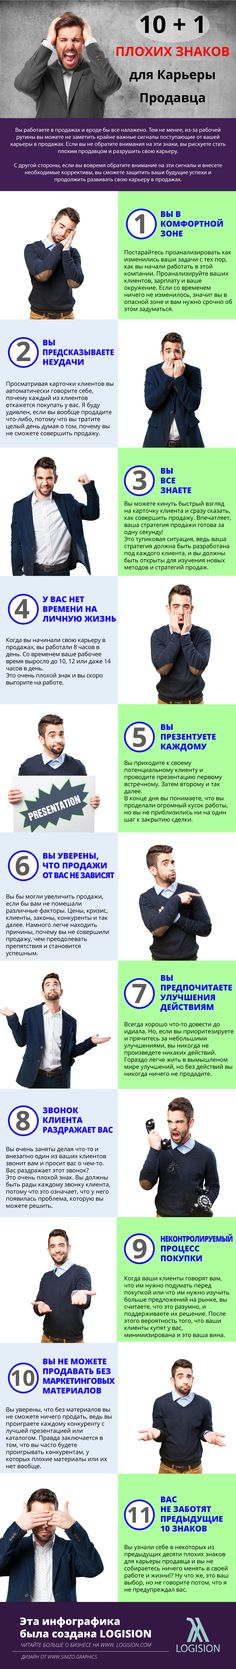 10+1 Плохих Знаков для Карьеры Продавца | Logision